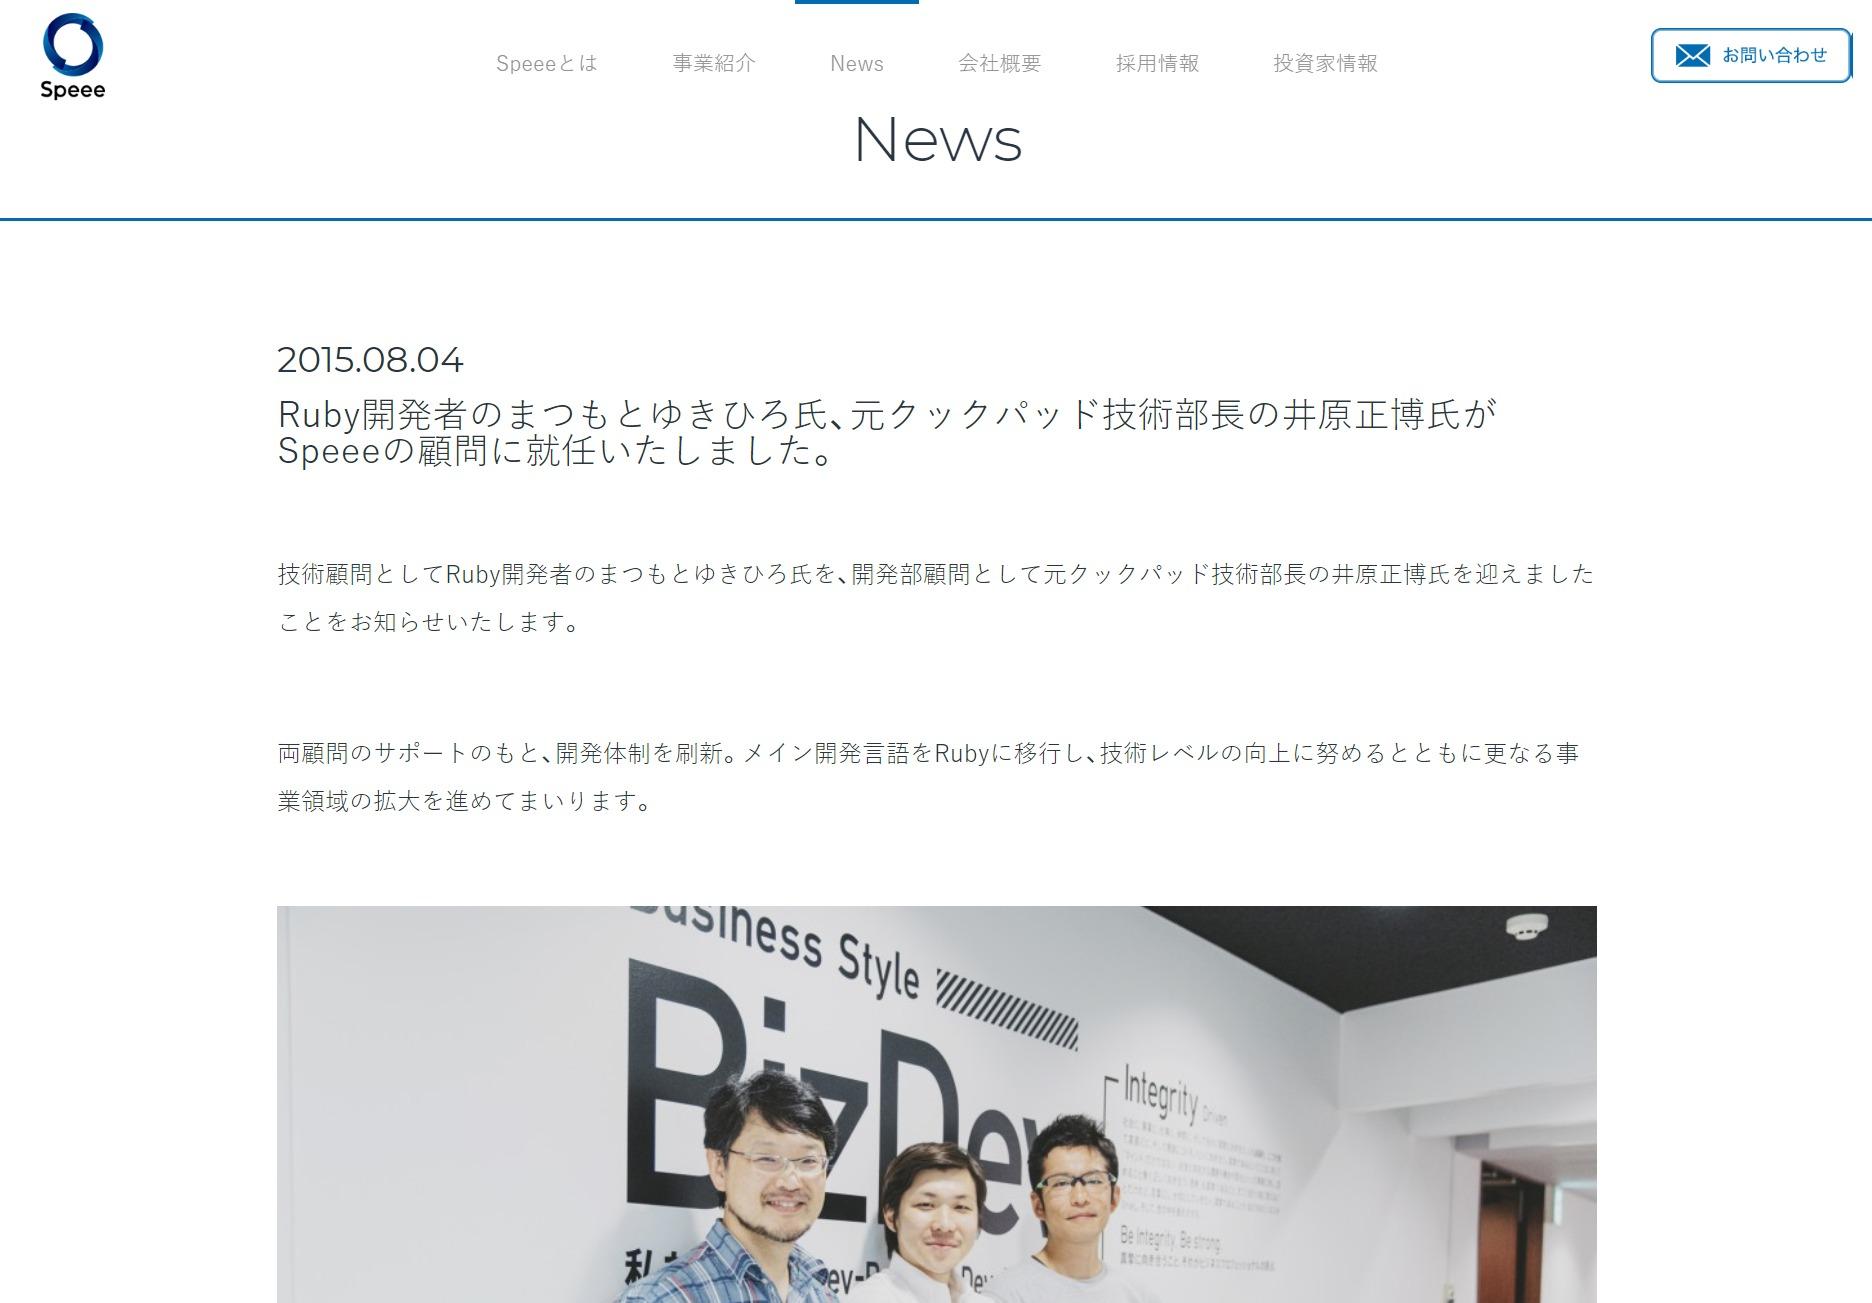 Ruby開発者のまつもとゆきひろ氏、元クックパッド技術部長の井原正博氏がSpeeeの顧問に就任いたしました。